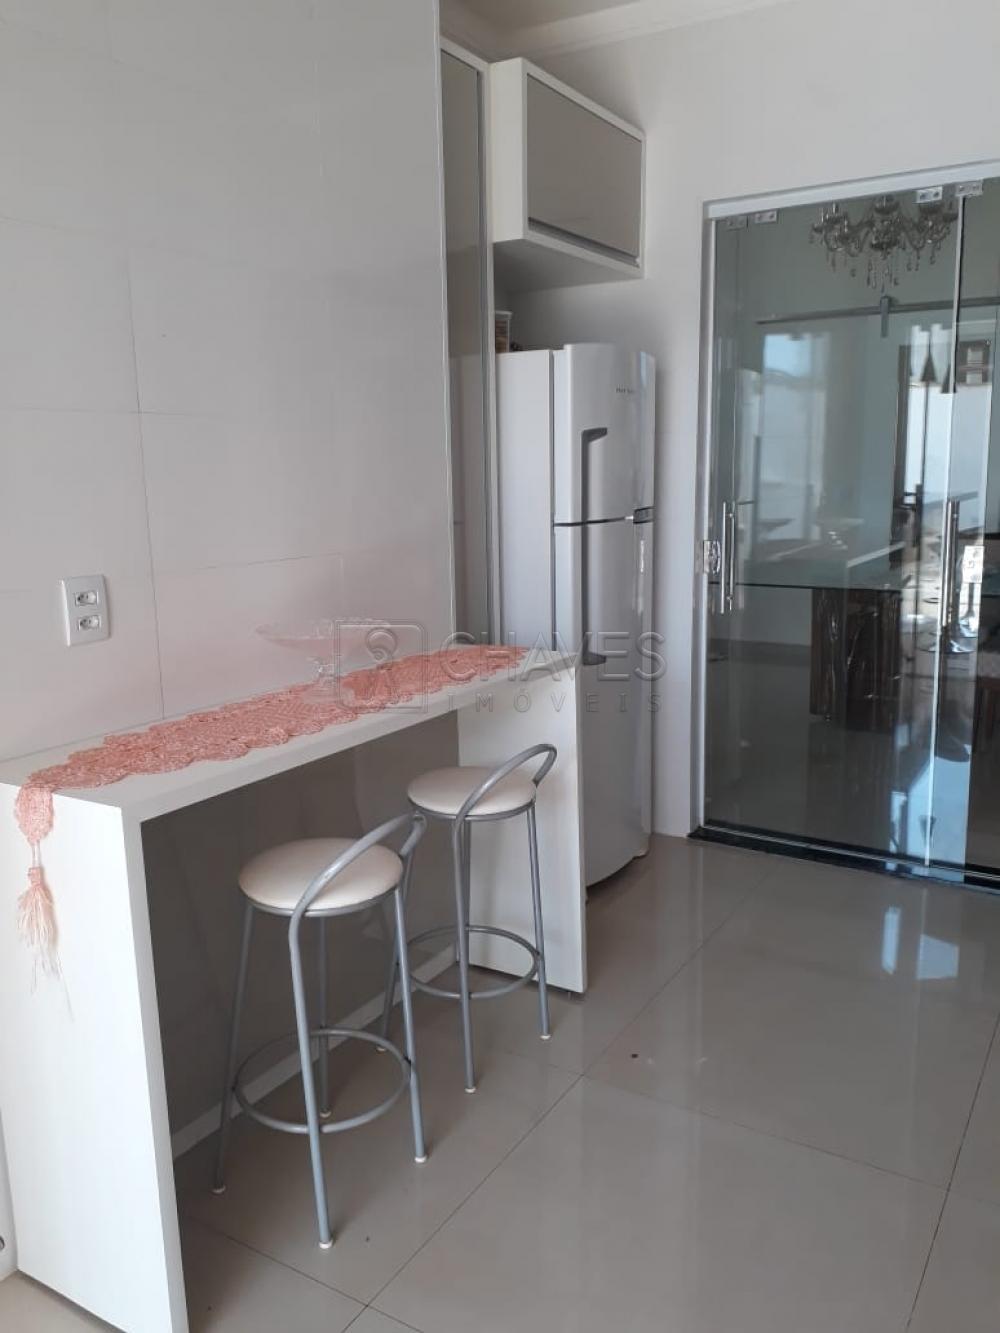 Comprar Casa / Condomínio em Ribeirão Preto apenas R$ 730.000,00 - Foto 25